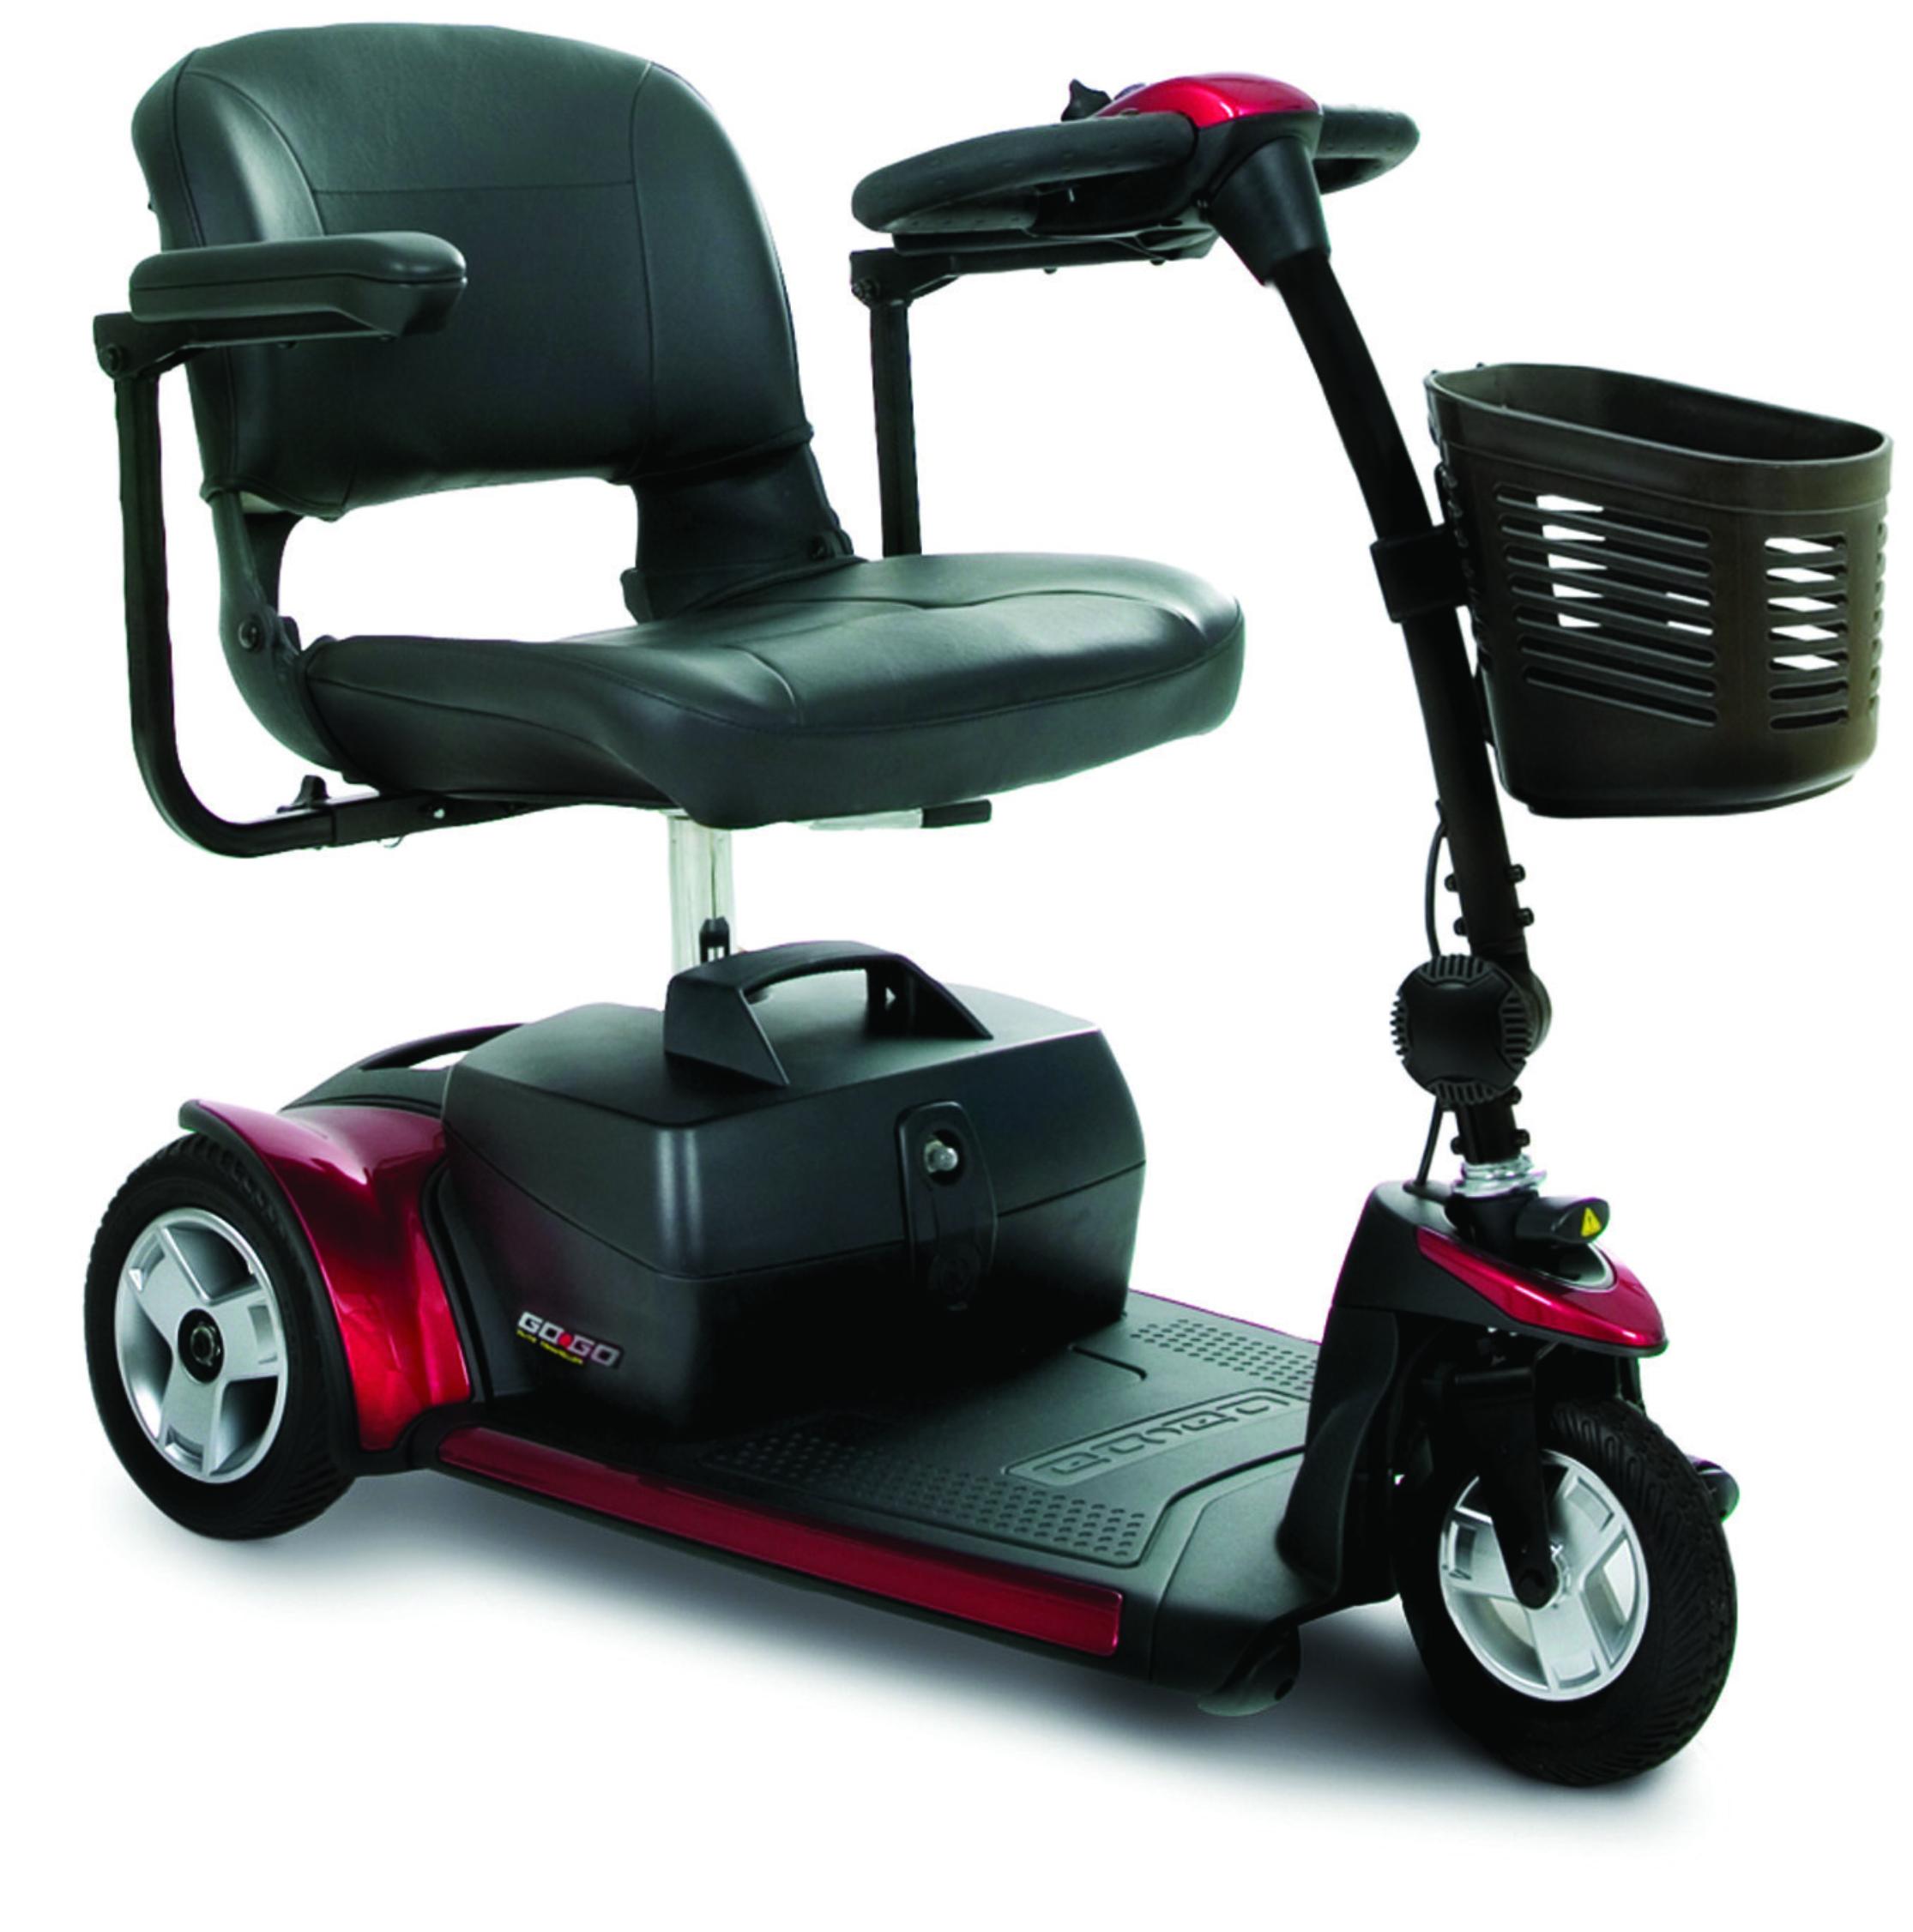 Go-Go wózek dla osób niepełnosprawnych z napędem elektrycznym